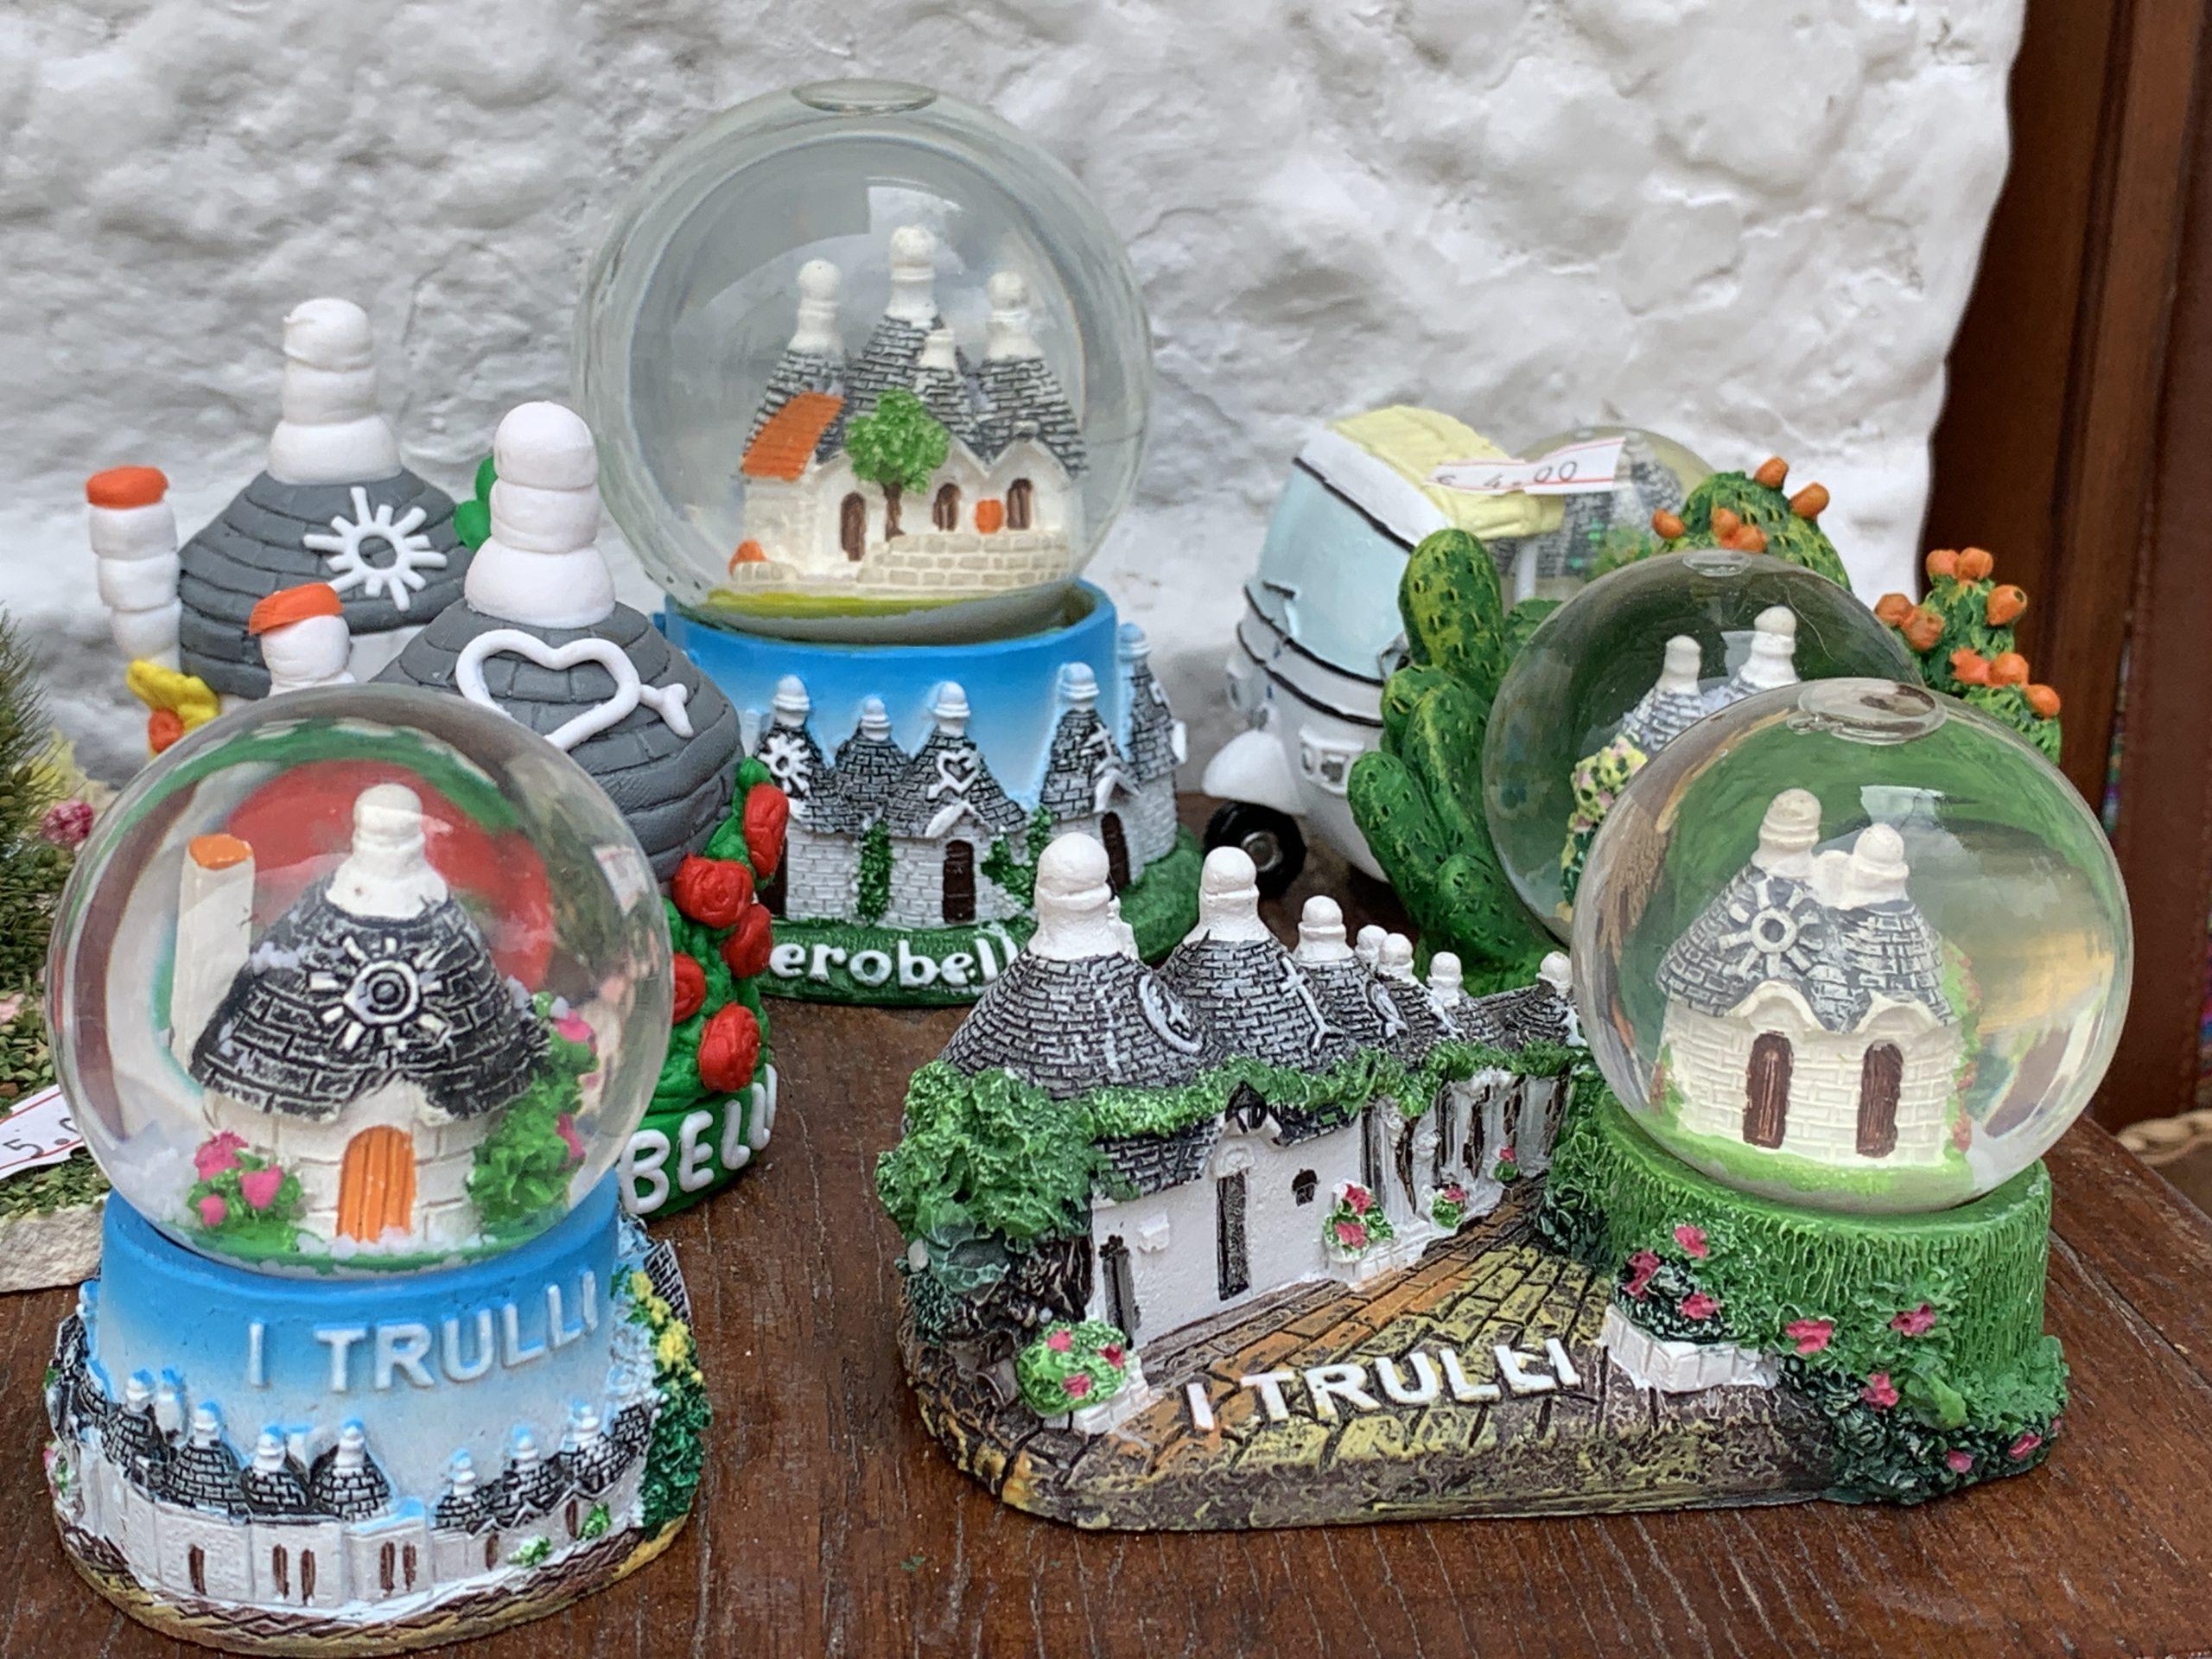 Trulli snow globes on sale in Alberobello Puglia